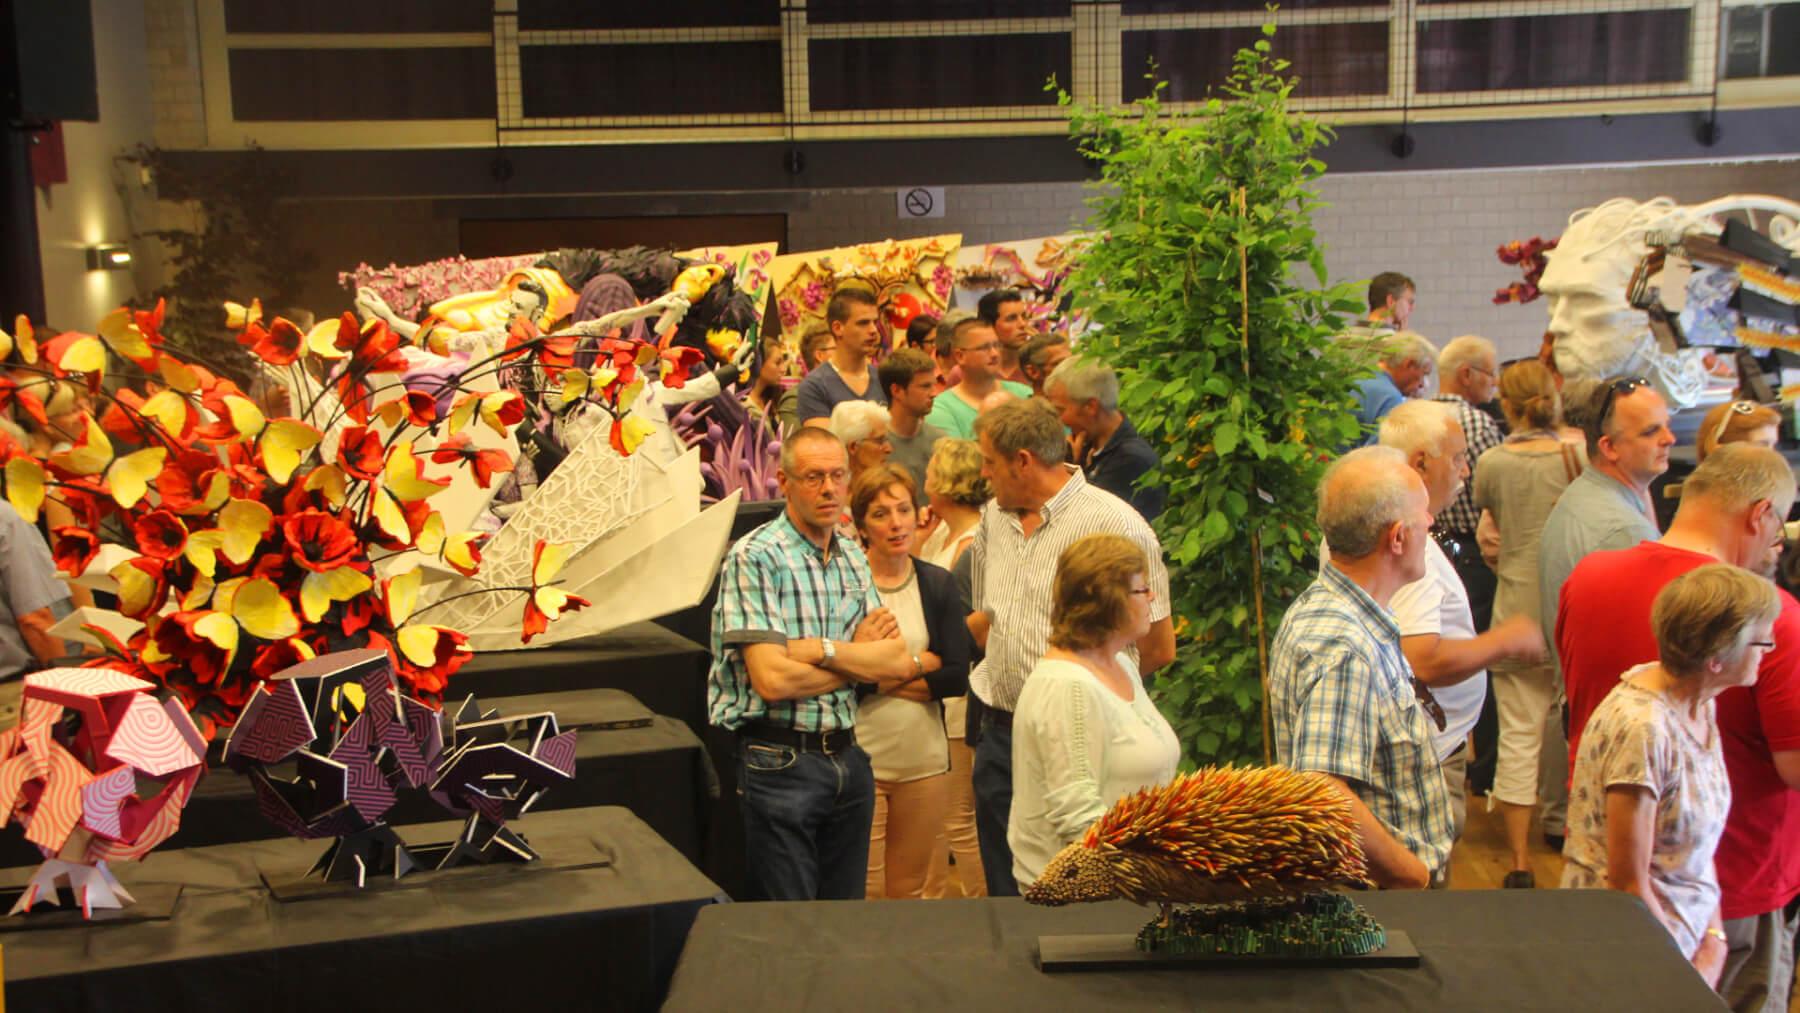 Maquettefeesten Corso tijdens jaarlijkse Aardbeienfeesten